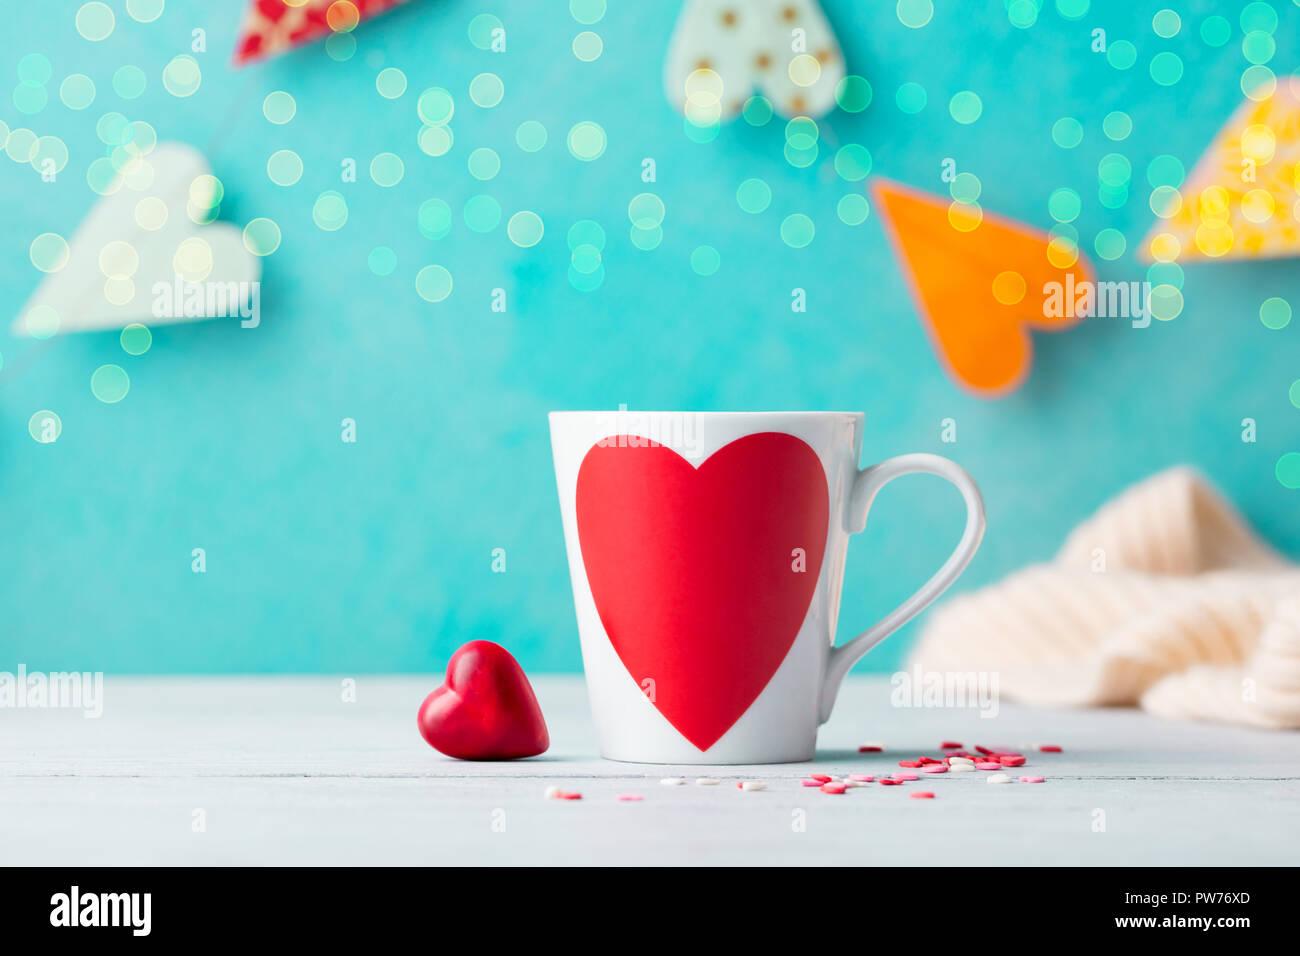 Copa romántica con chocolate dulces en forma de corazón. Fondo azul con corazones de papel guirnalda Foto de stock